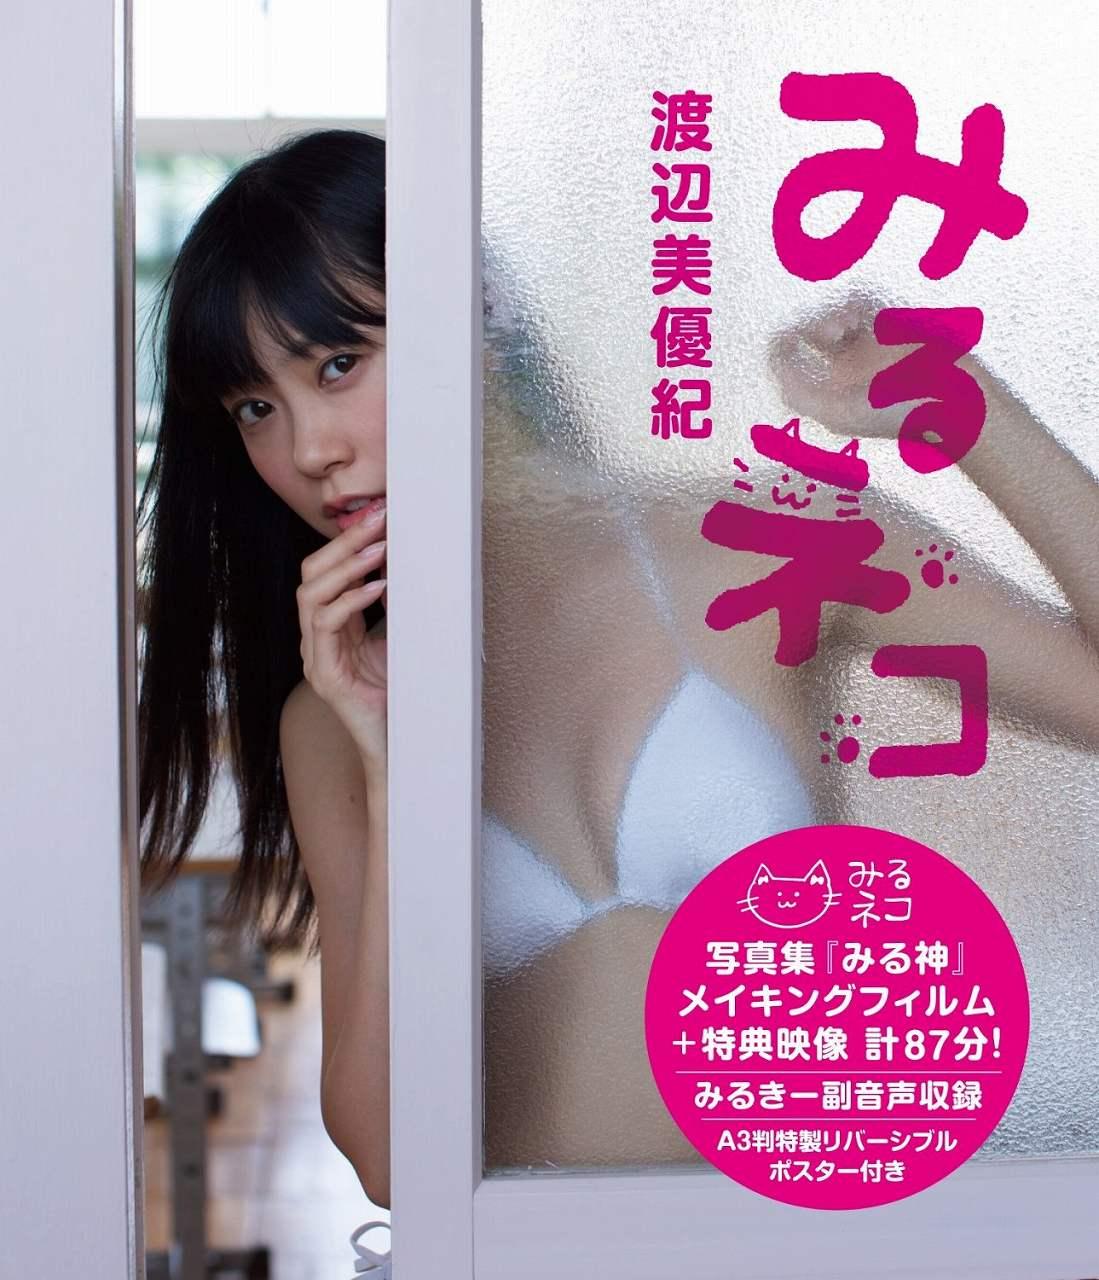 渡辺美優紀のDVD「みるネコ」